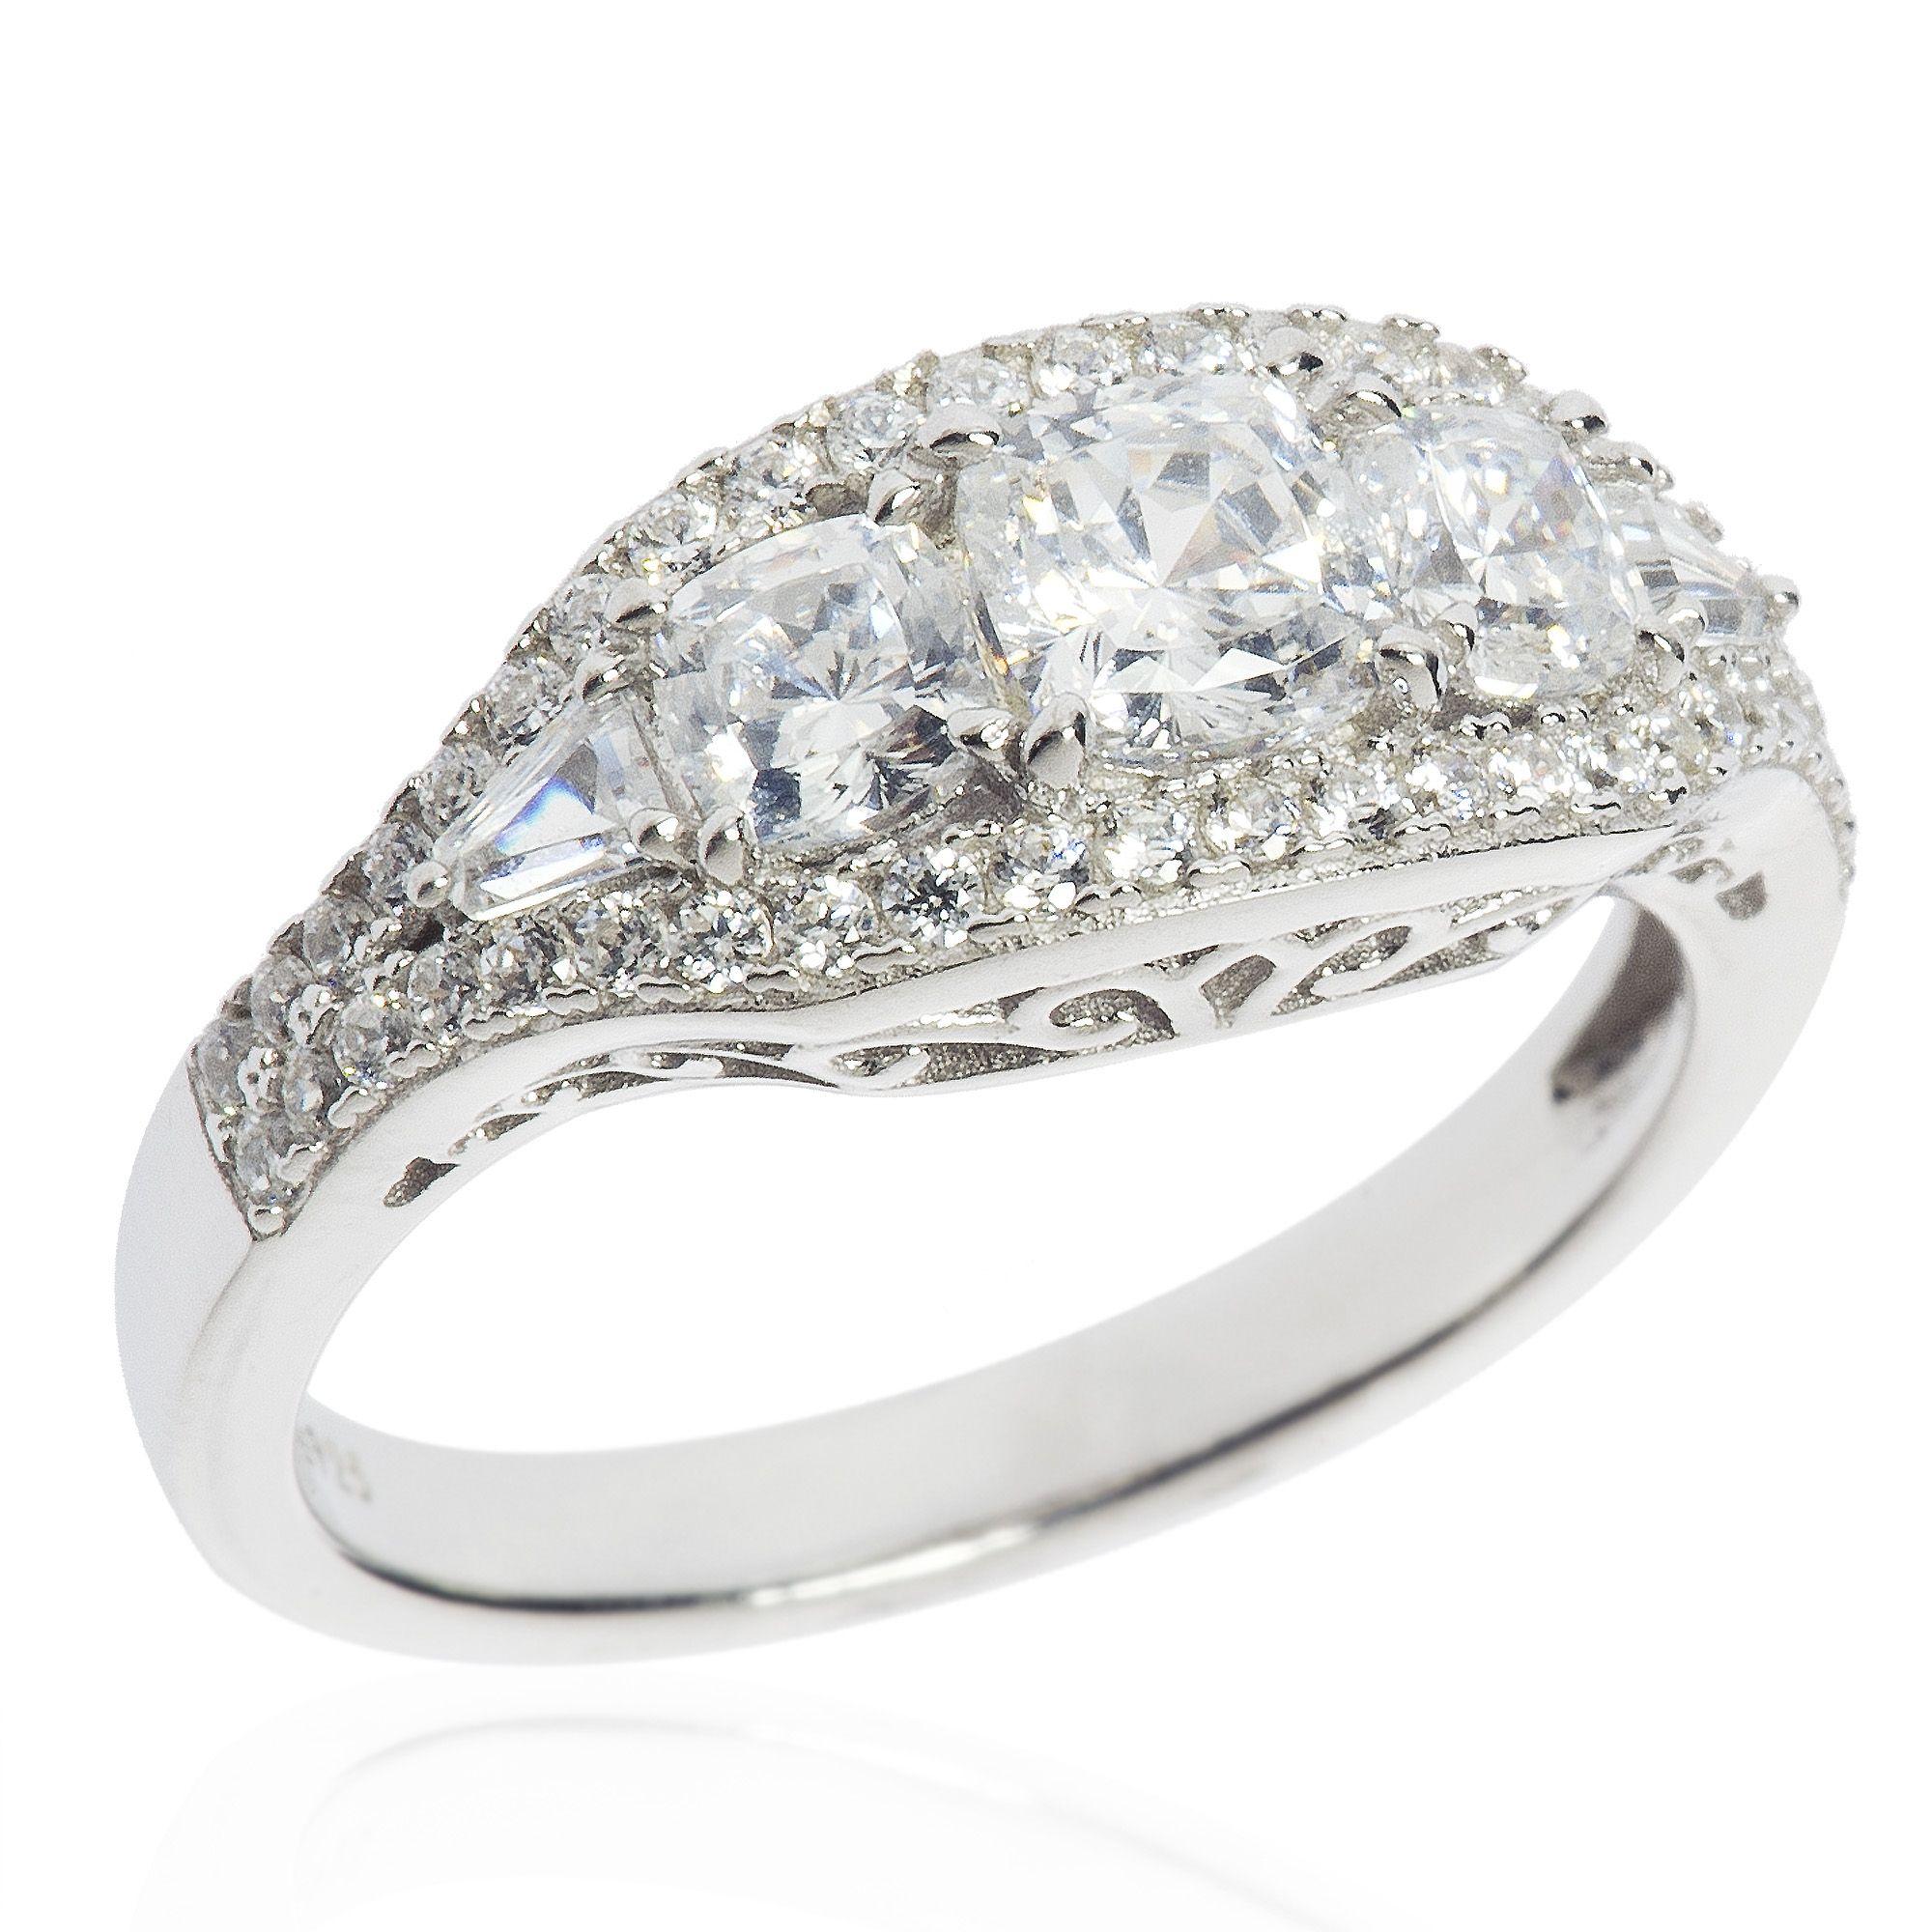 Diamonique 100 anello a fascia pari a in argento 925 qvc italia - Qvc marchi cucina ...